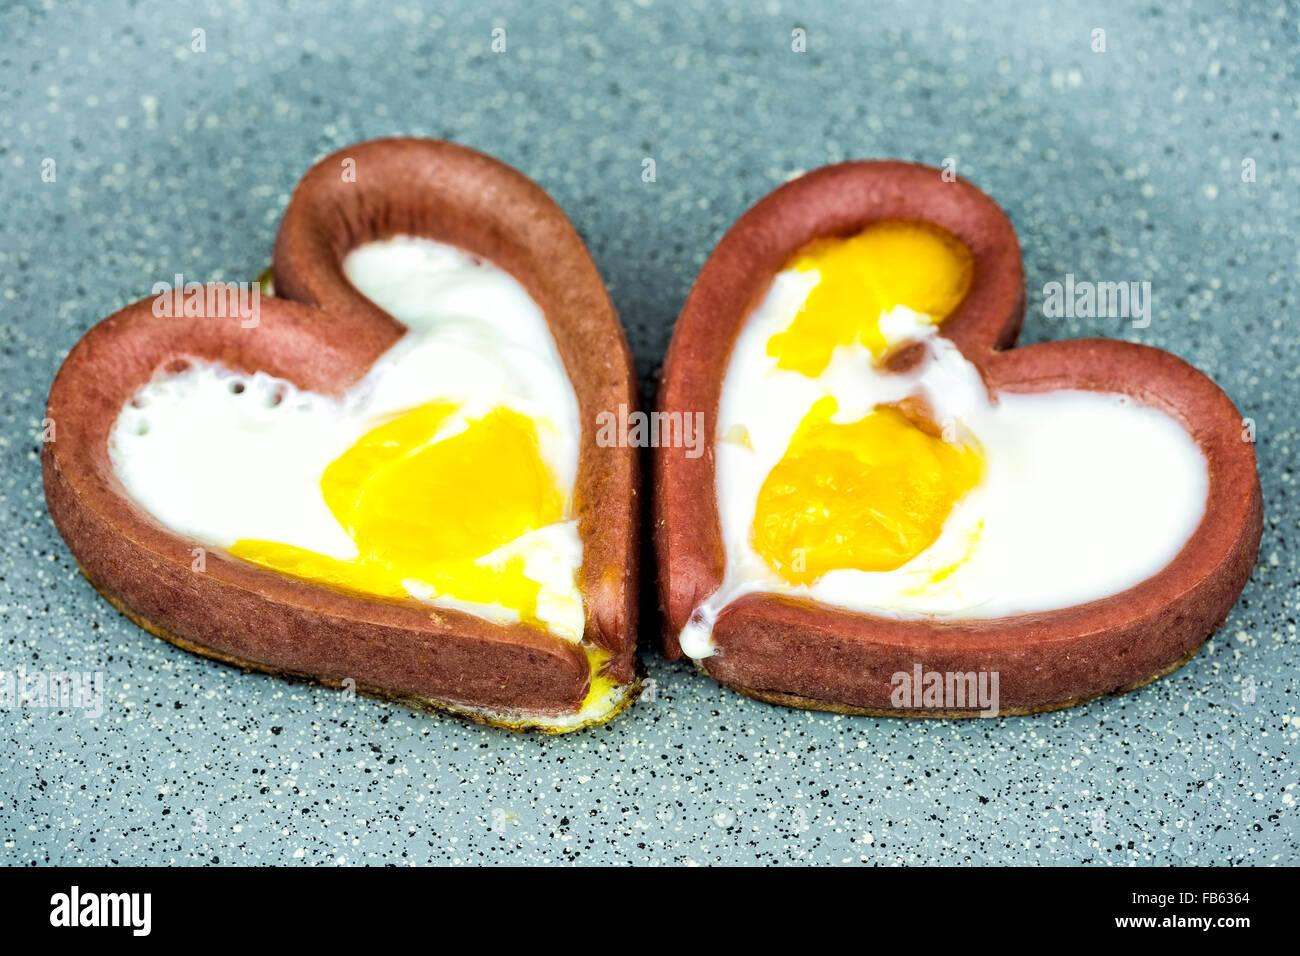 Couple d'oeufs la cuisson avec des saucisses en forme de cœur dans une poêle. La cuisson des oeufs au plat en forme Banque D'Images